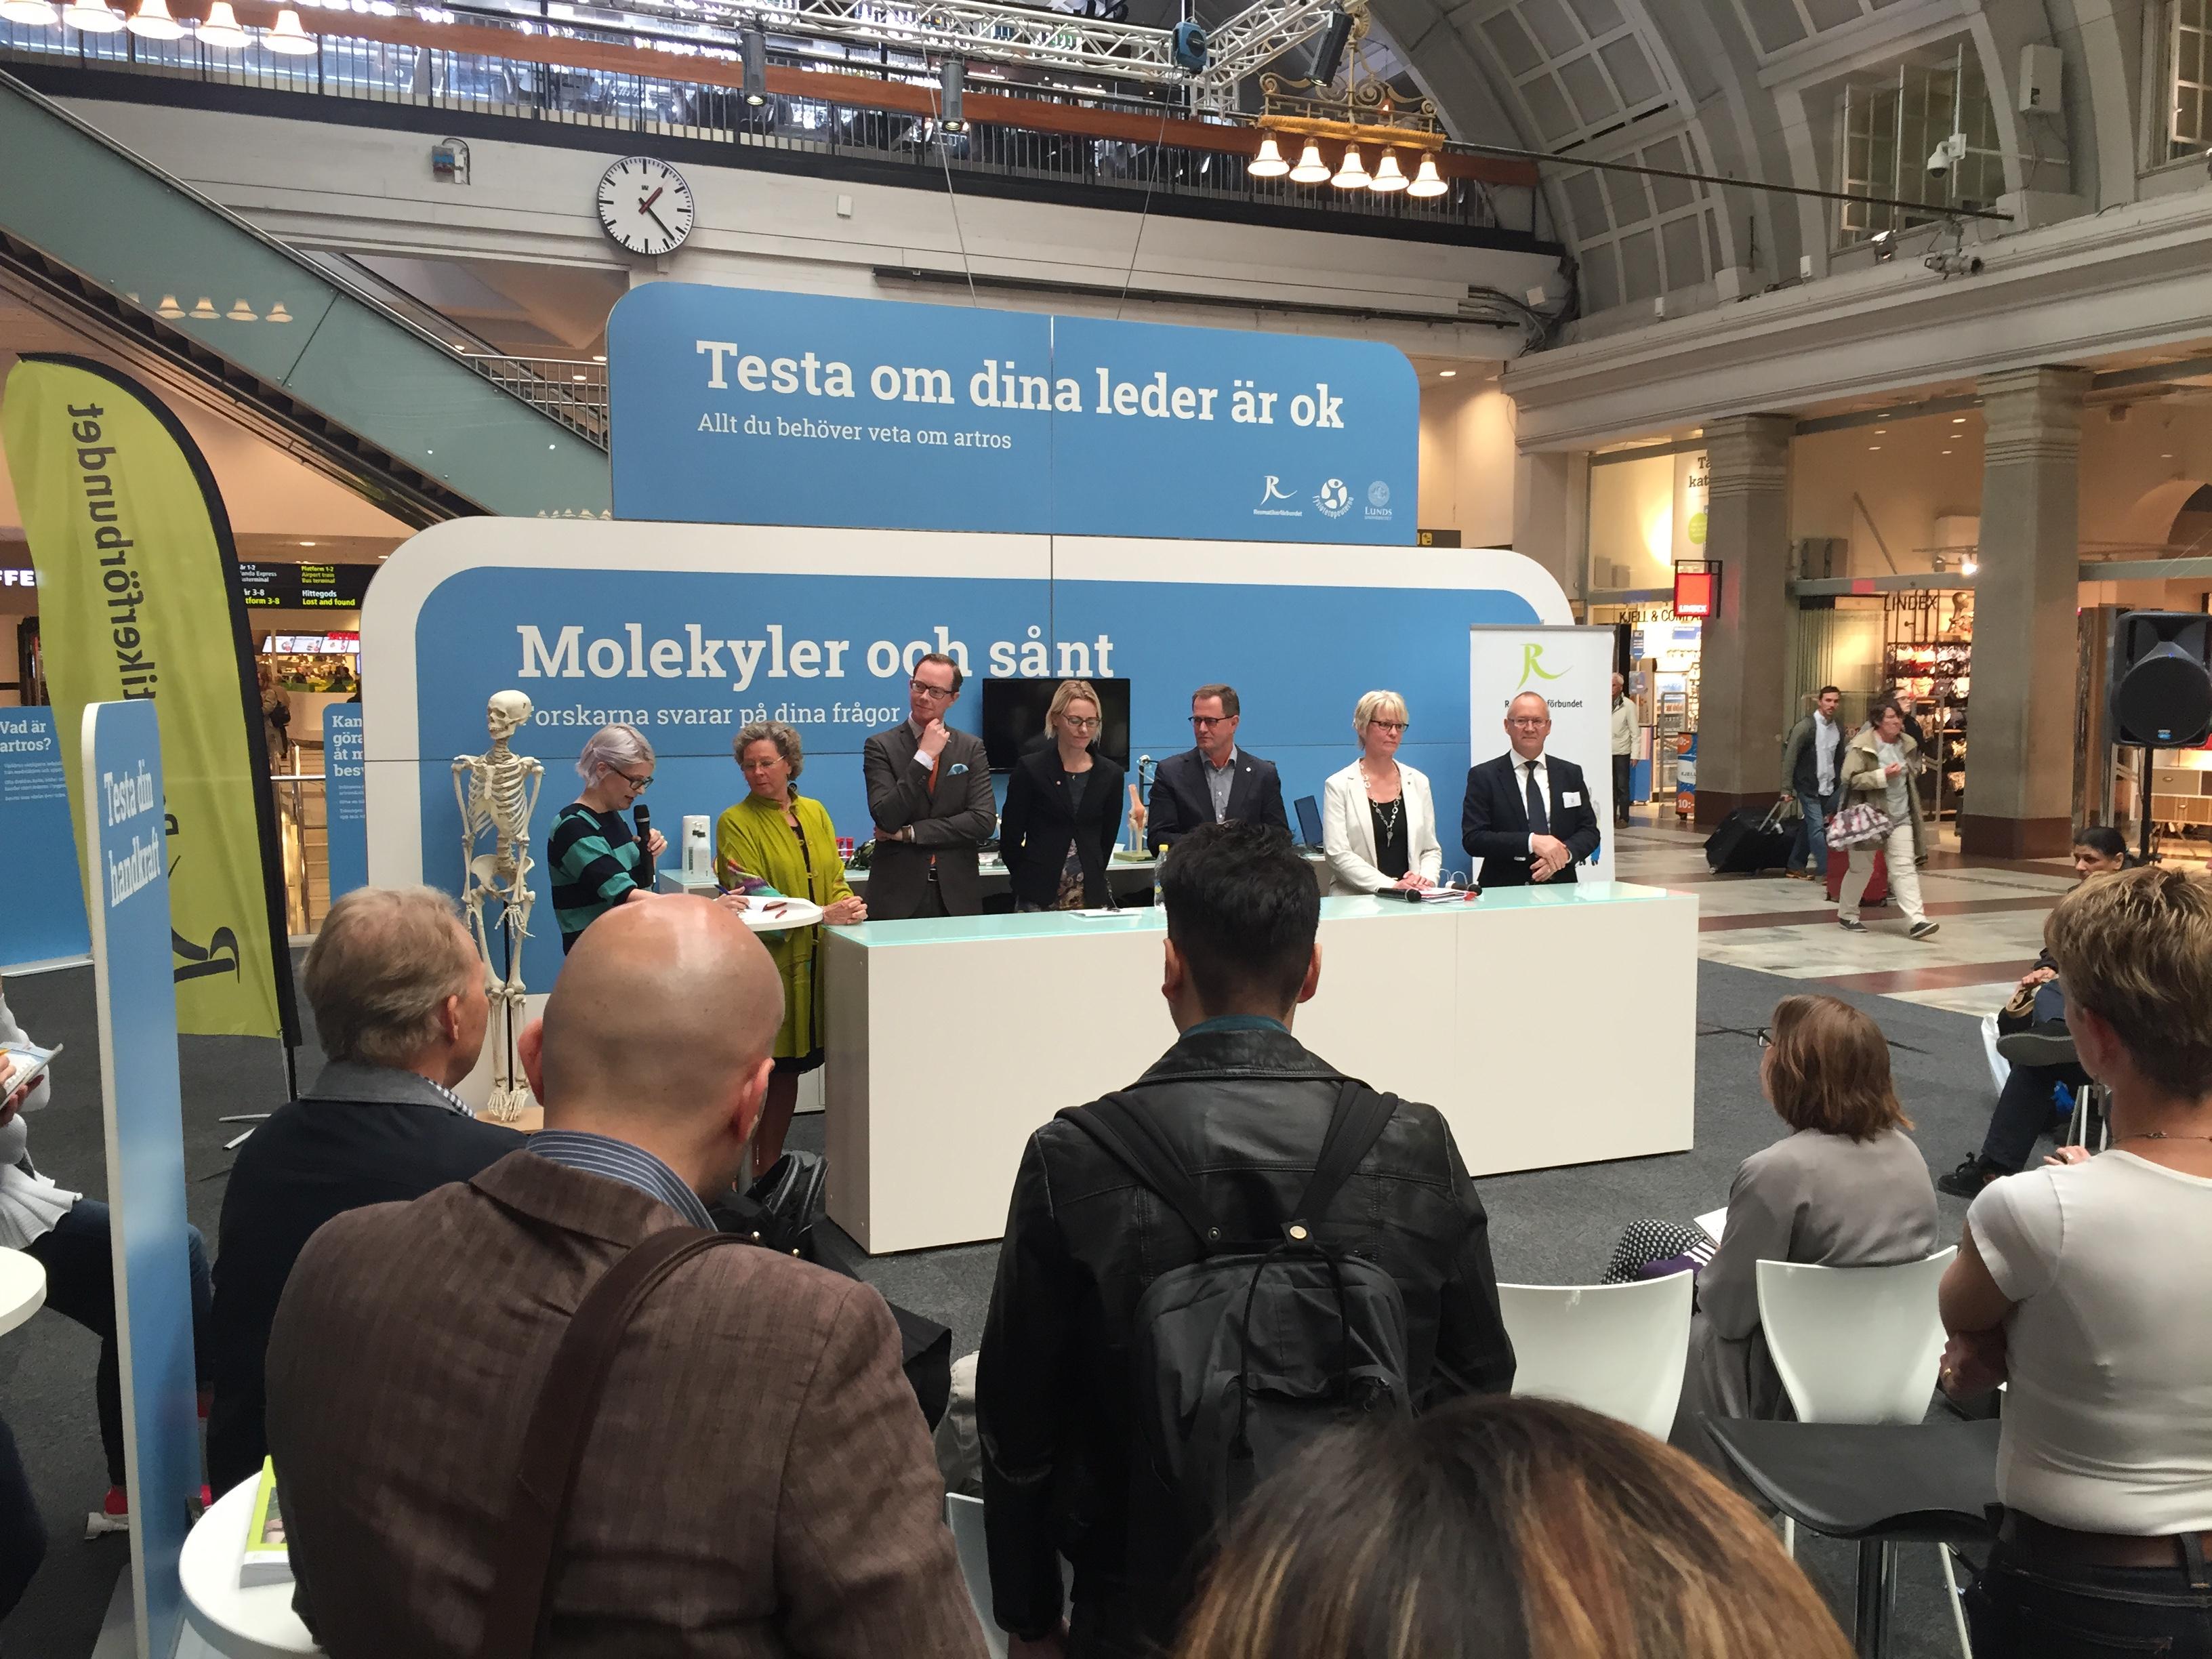 Design of event units artrosdagen